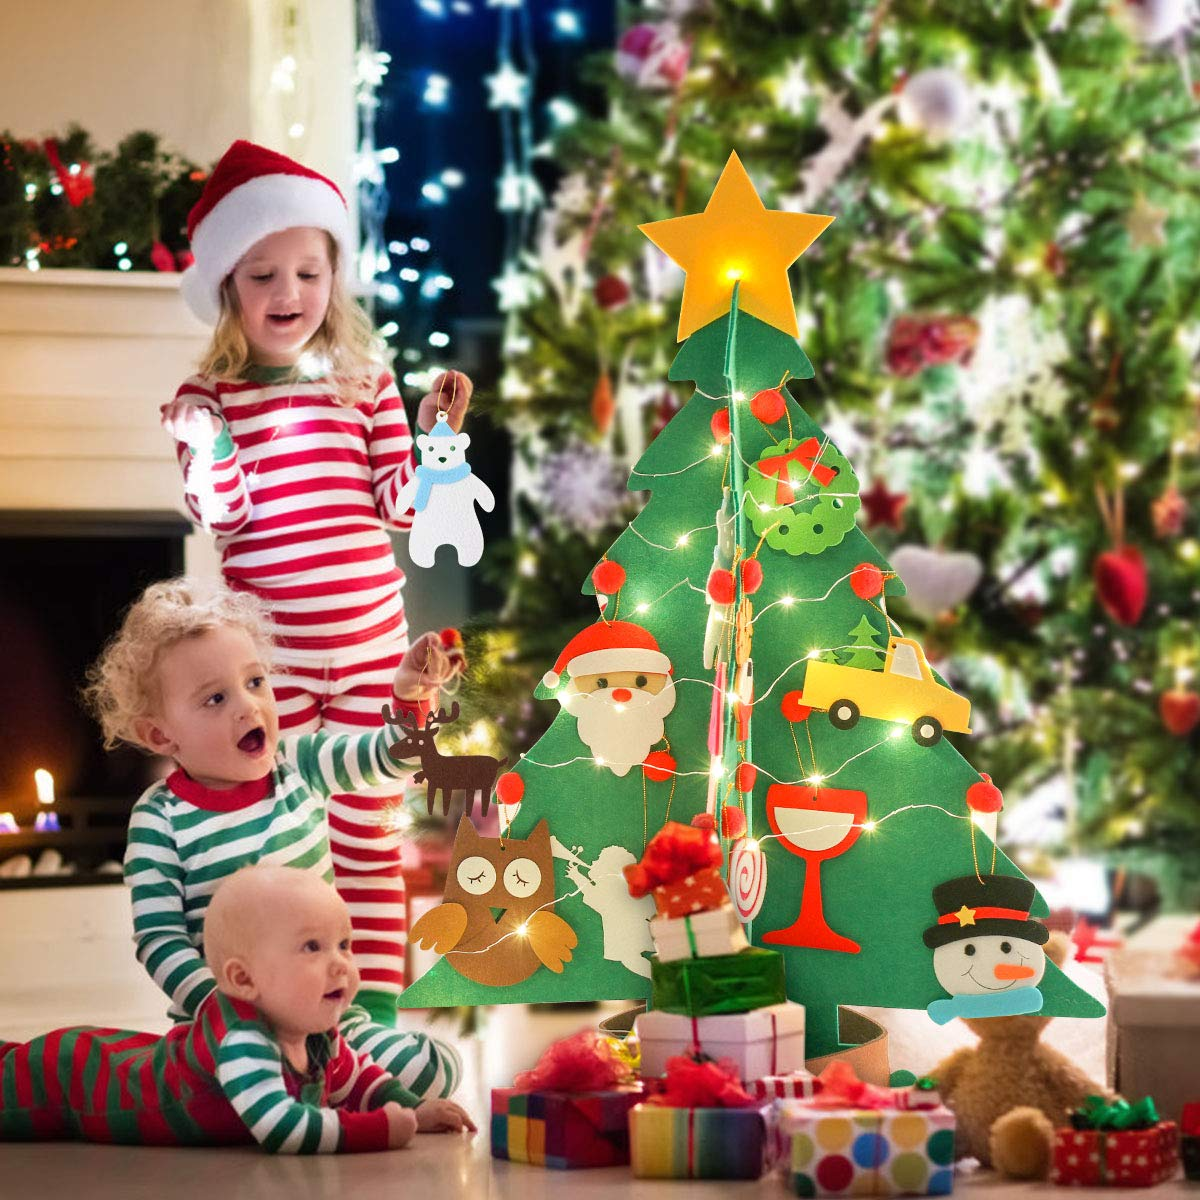 Joyibay Albero di Natale in feltro Set Albero di Natale decorativo fai-da-te con ornamenti e stringa di luce Accessori per decorazioni natalizie